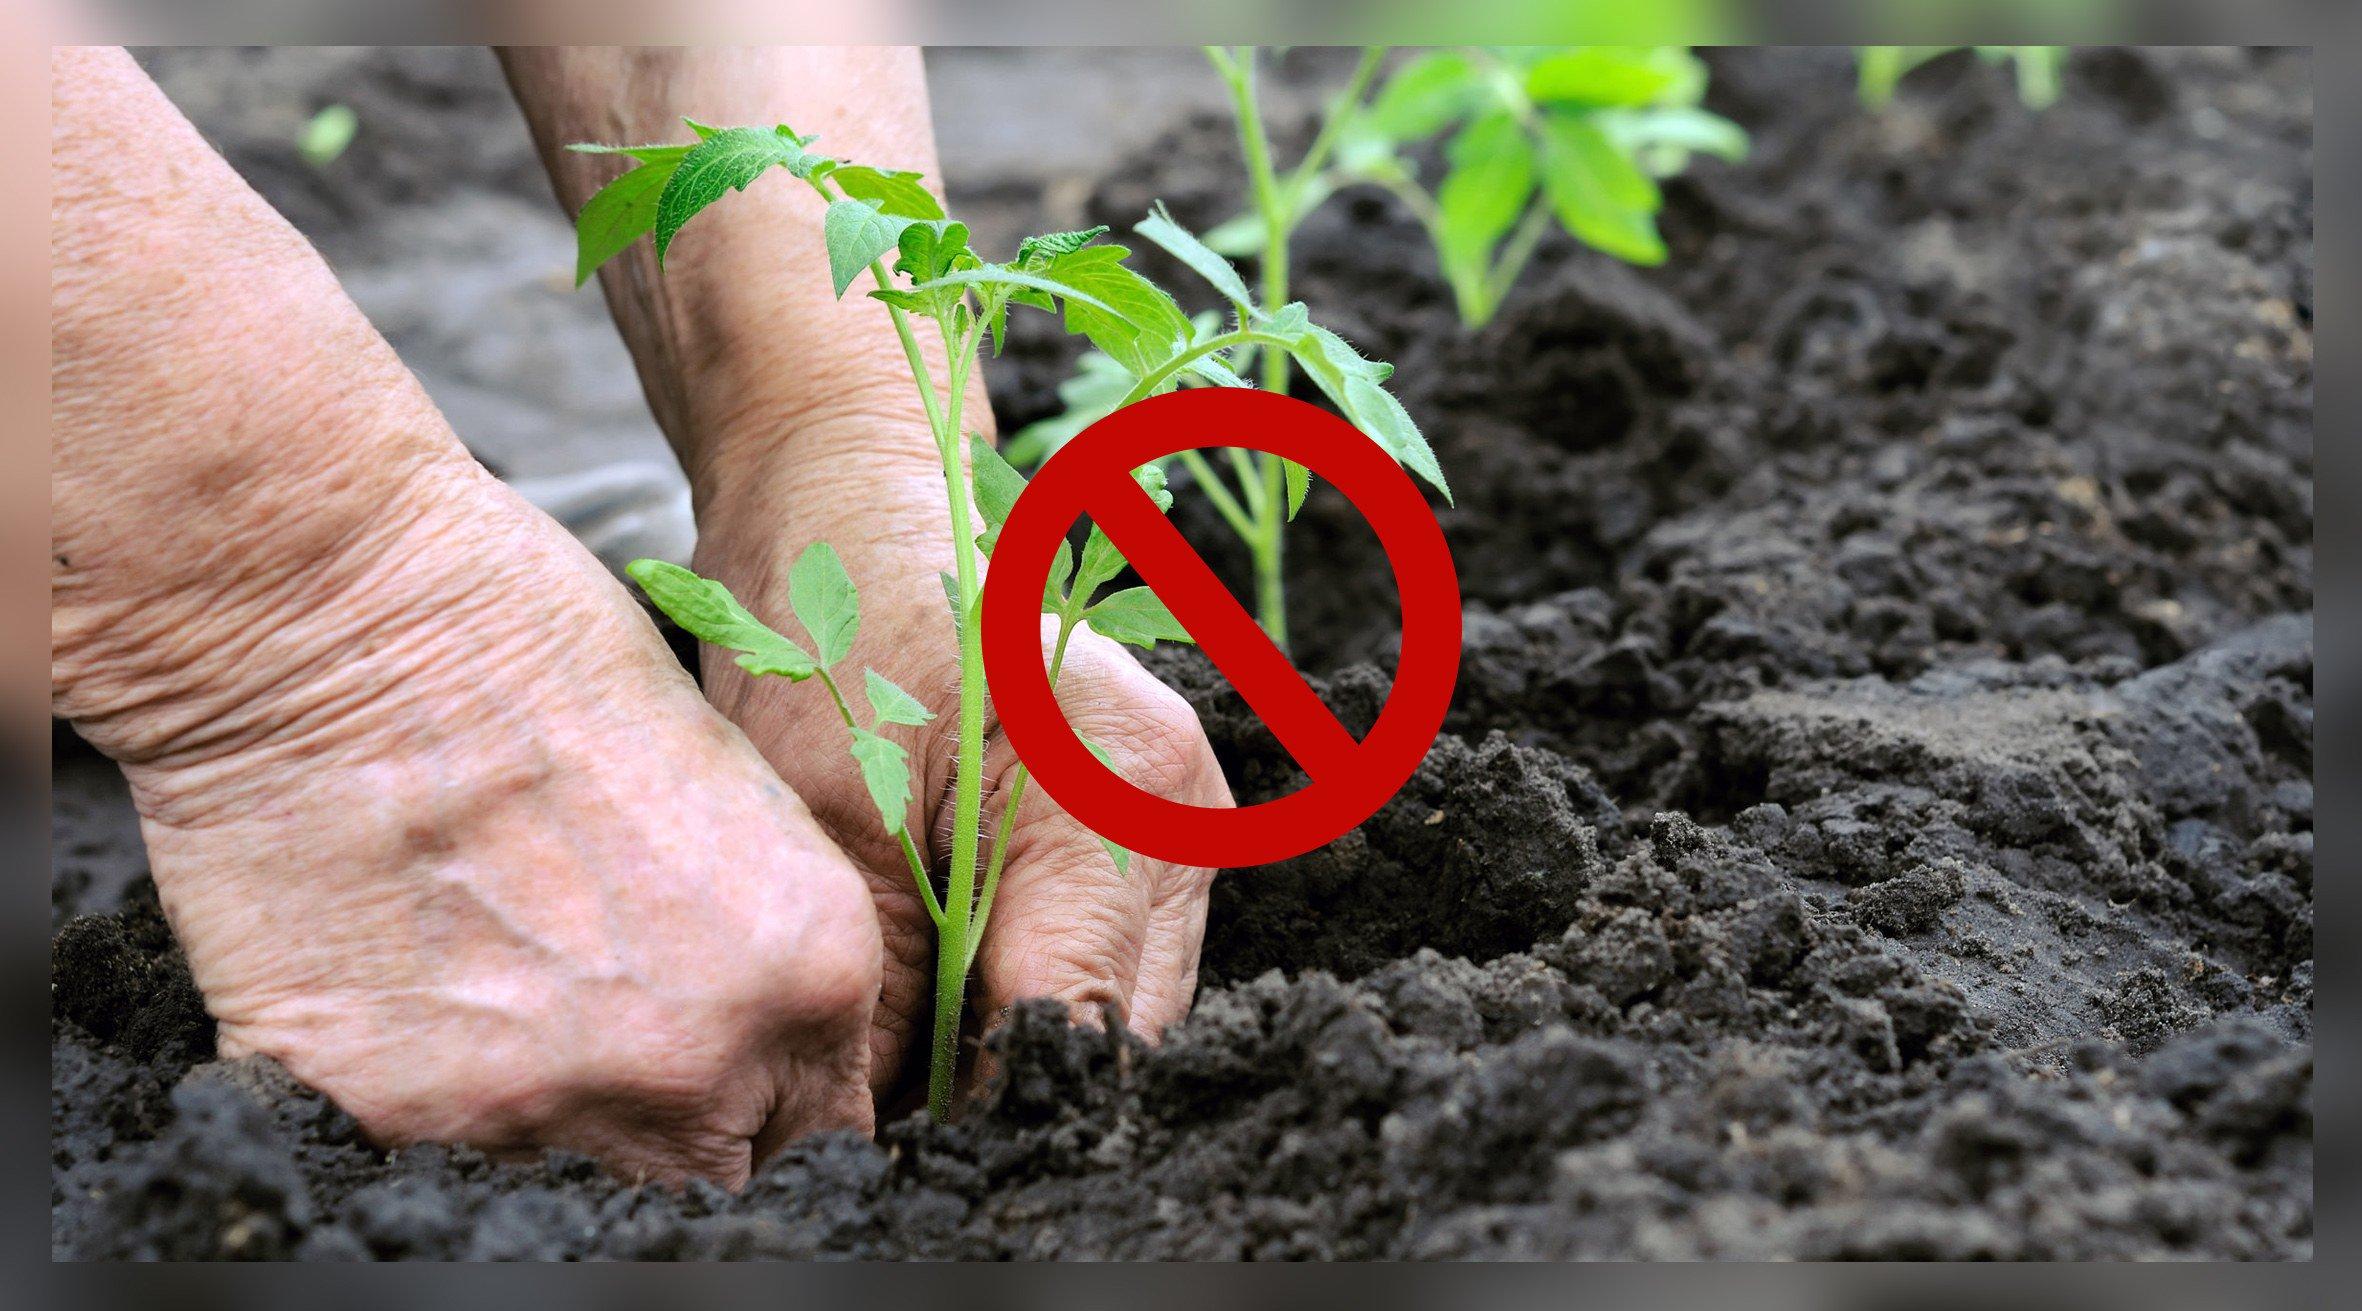 Отказ контакта с почвогрунтом